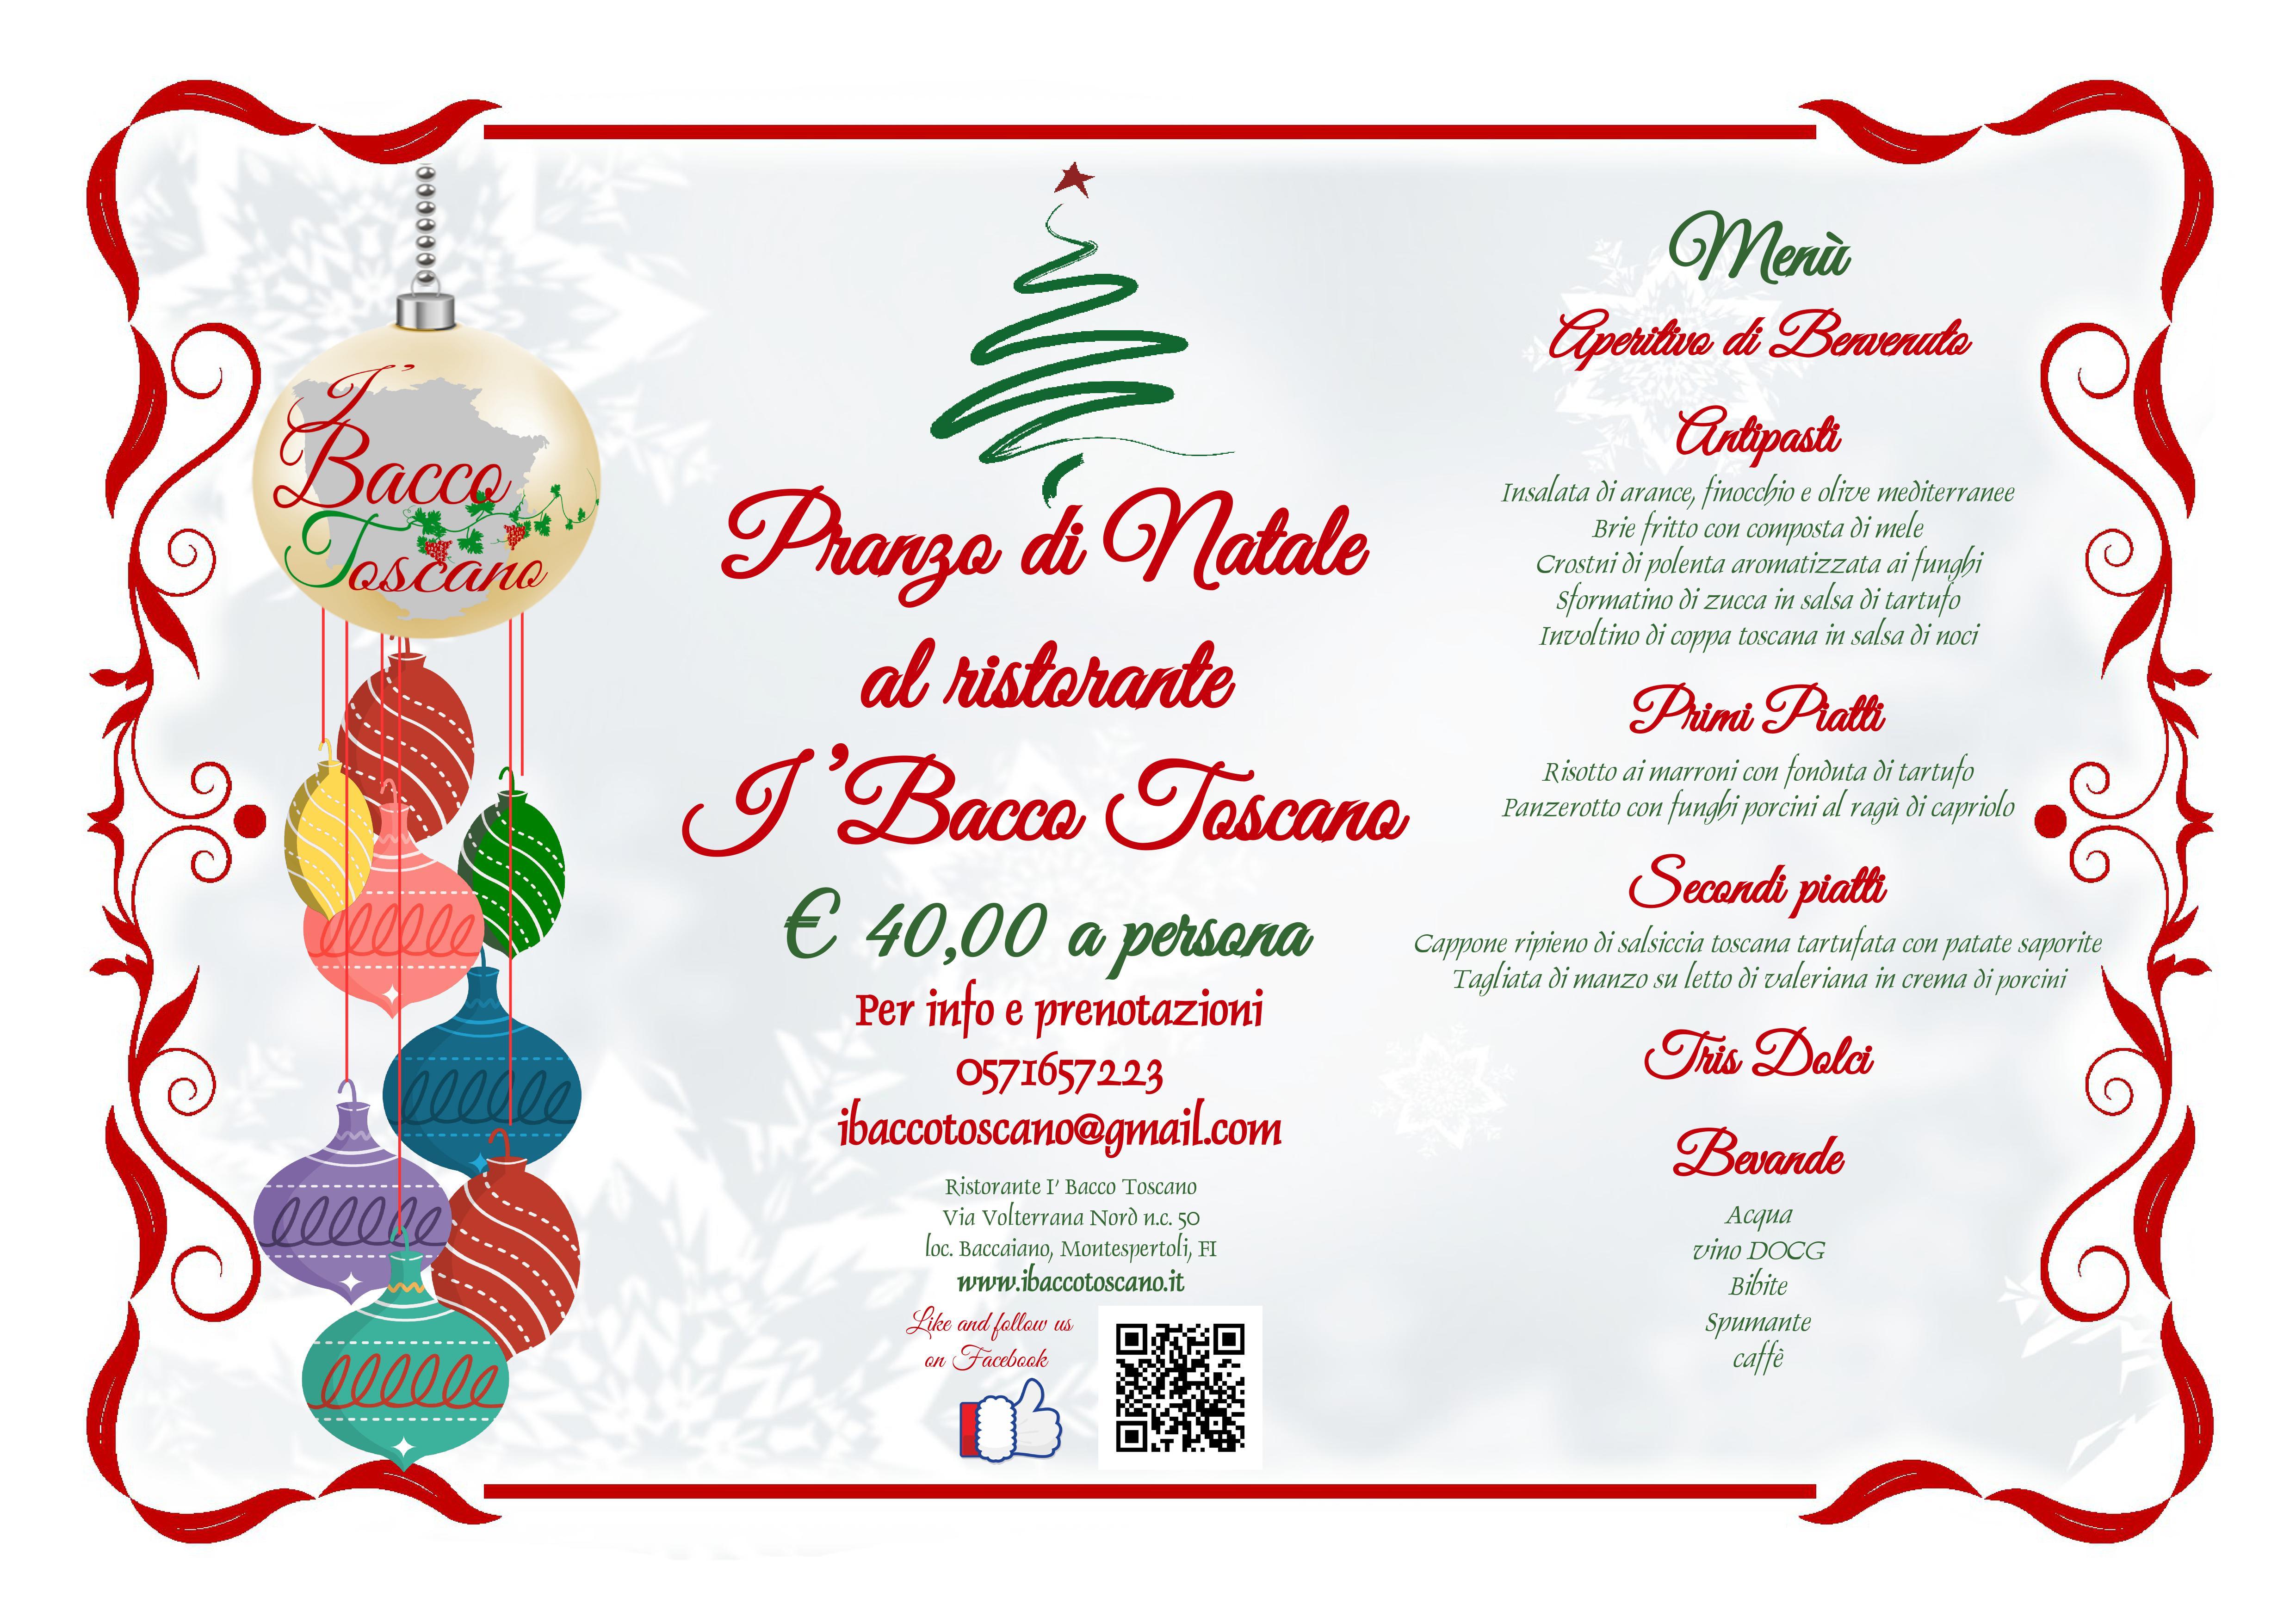 Un Menu Per Il Pranzo Di Natale.Menu Pranzo Di Natale 2018 I Bacco Toscano